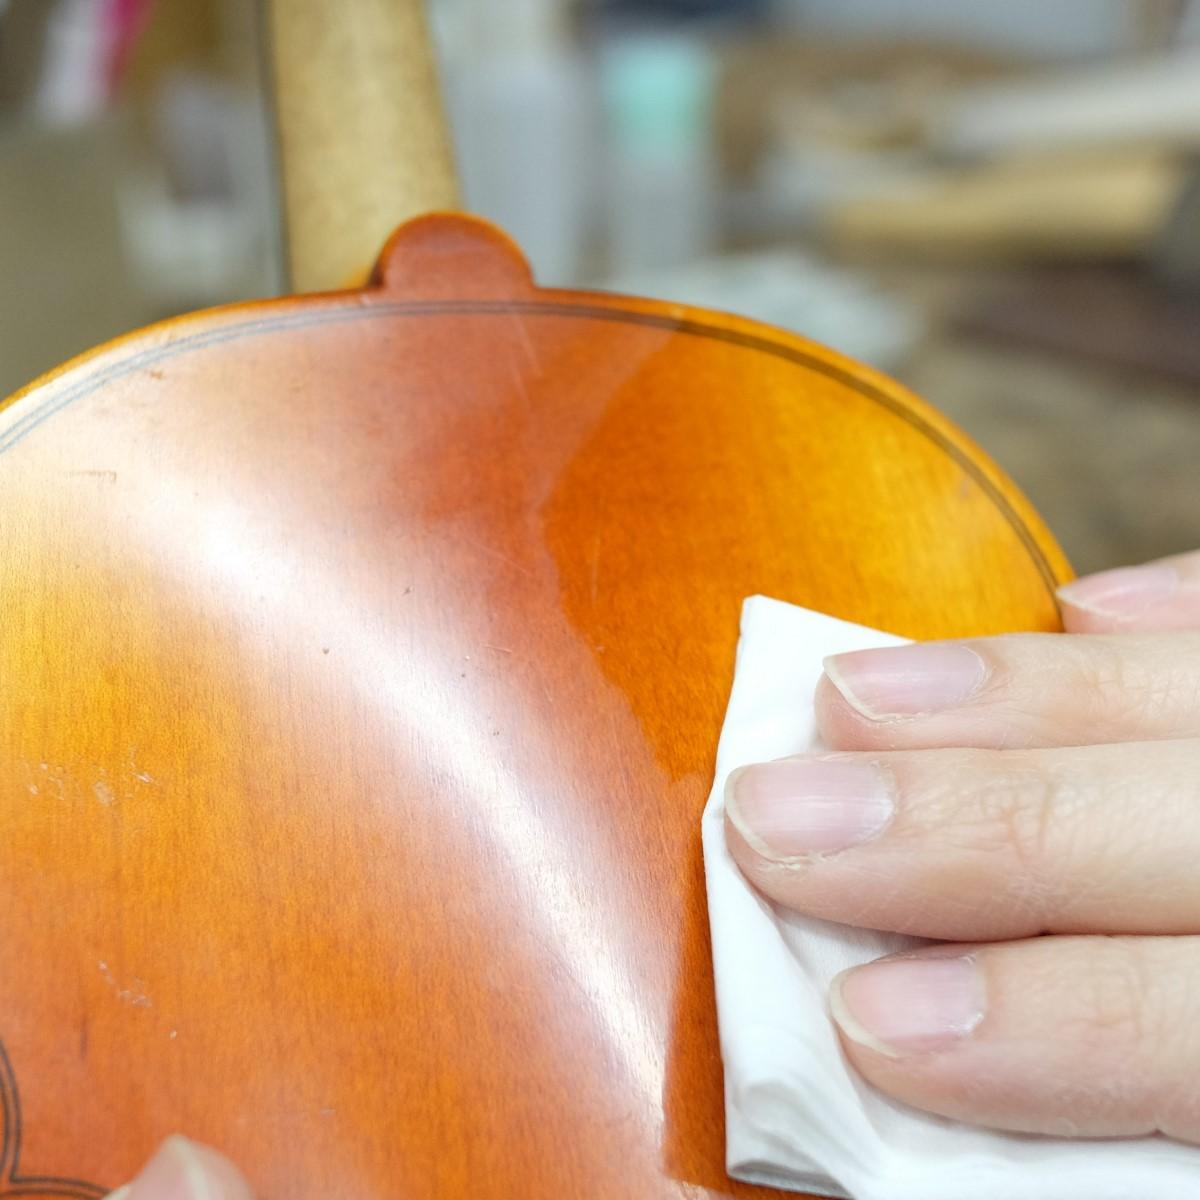 職人がバイオリンのクリーニングをしている手元